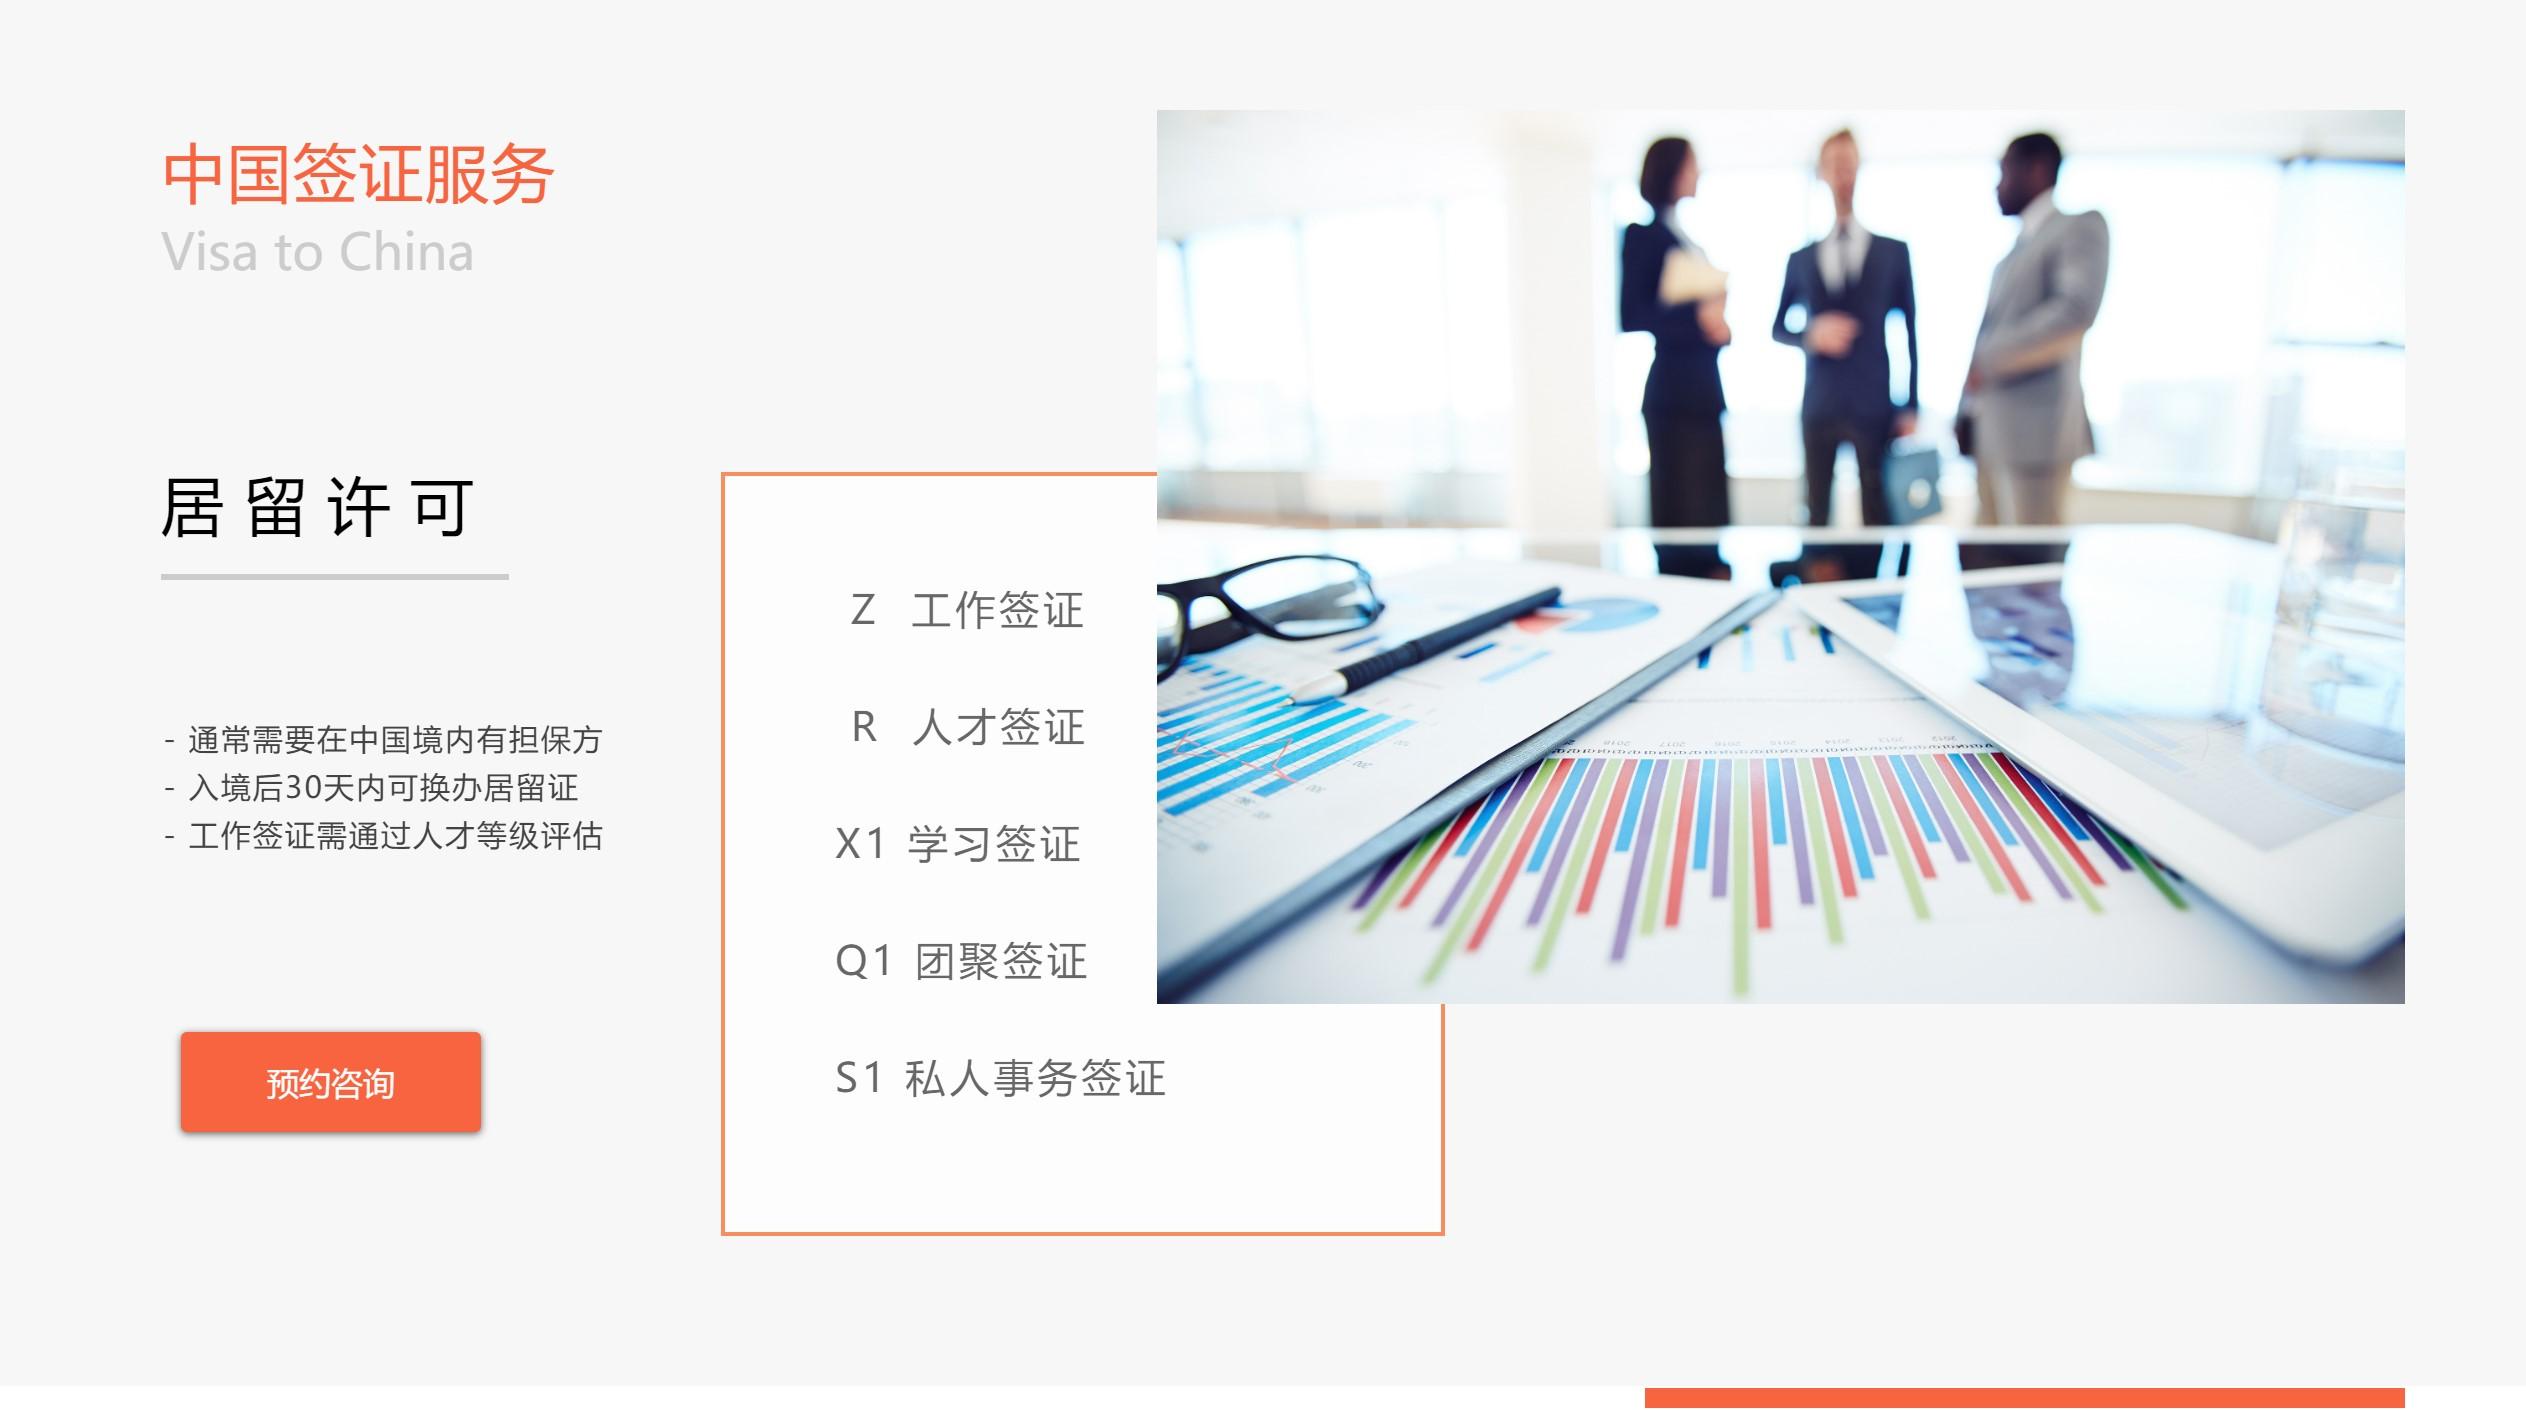 来华外国人签证政策_来华移民、签证办理-诺汉咨询